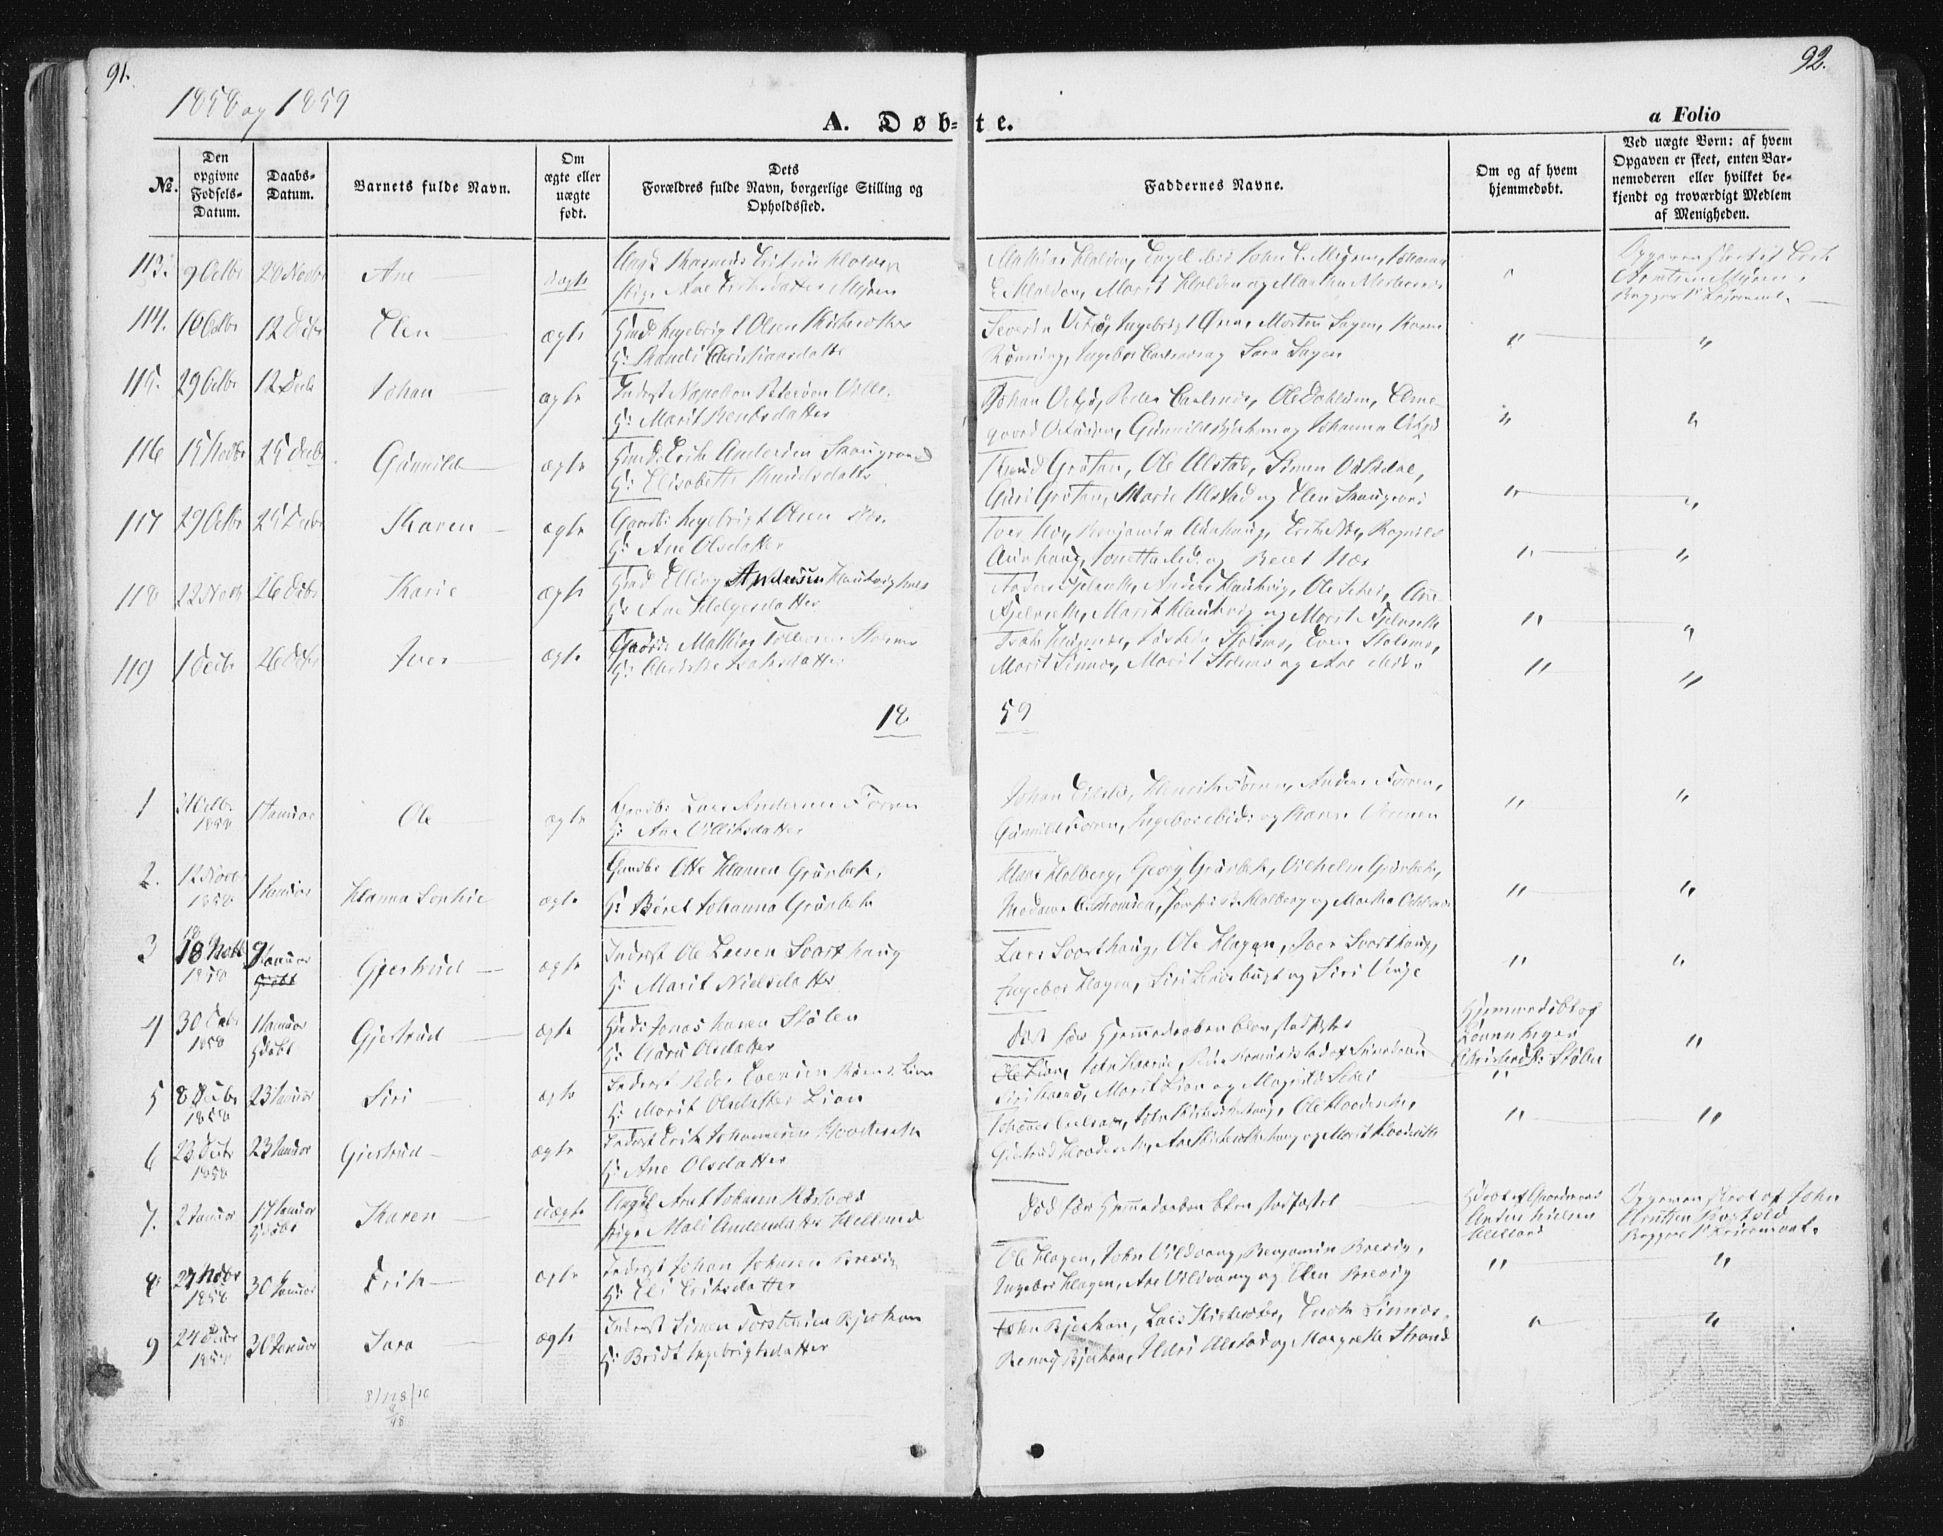 SAT, Ministerialprotokoller, klokkerbøker og fødselsregistre - Sør-Trøndelag, 630/L0494: Ministerialbok nr. 630A07, 1852-1868, s. 91-92